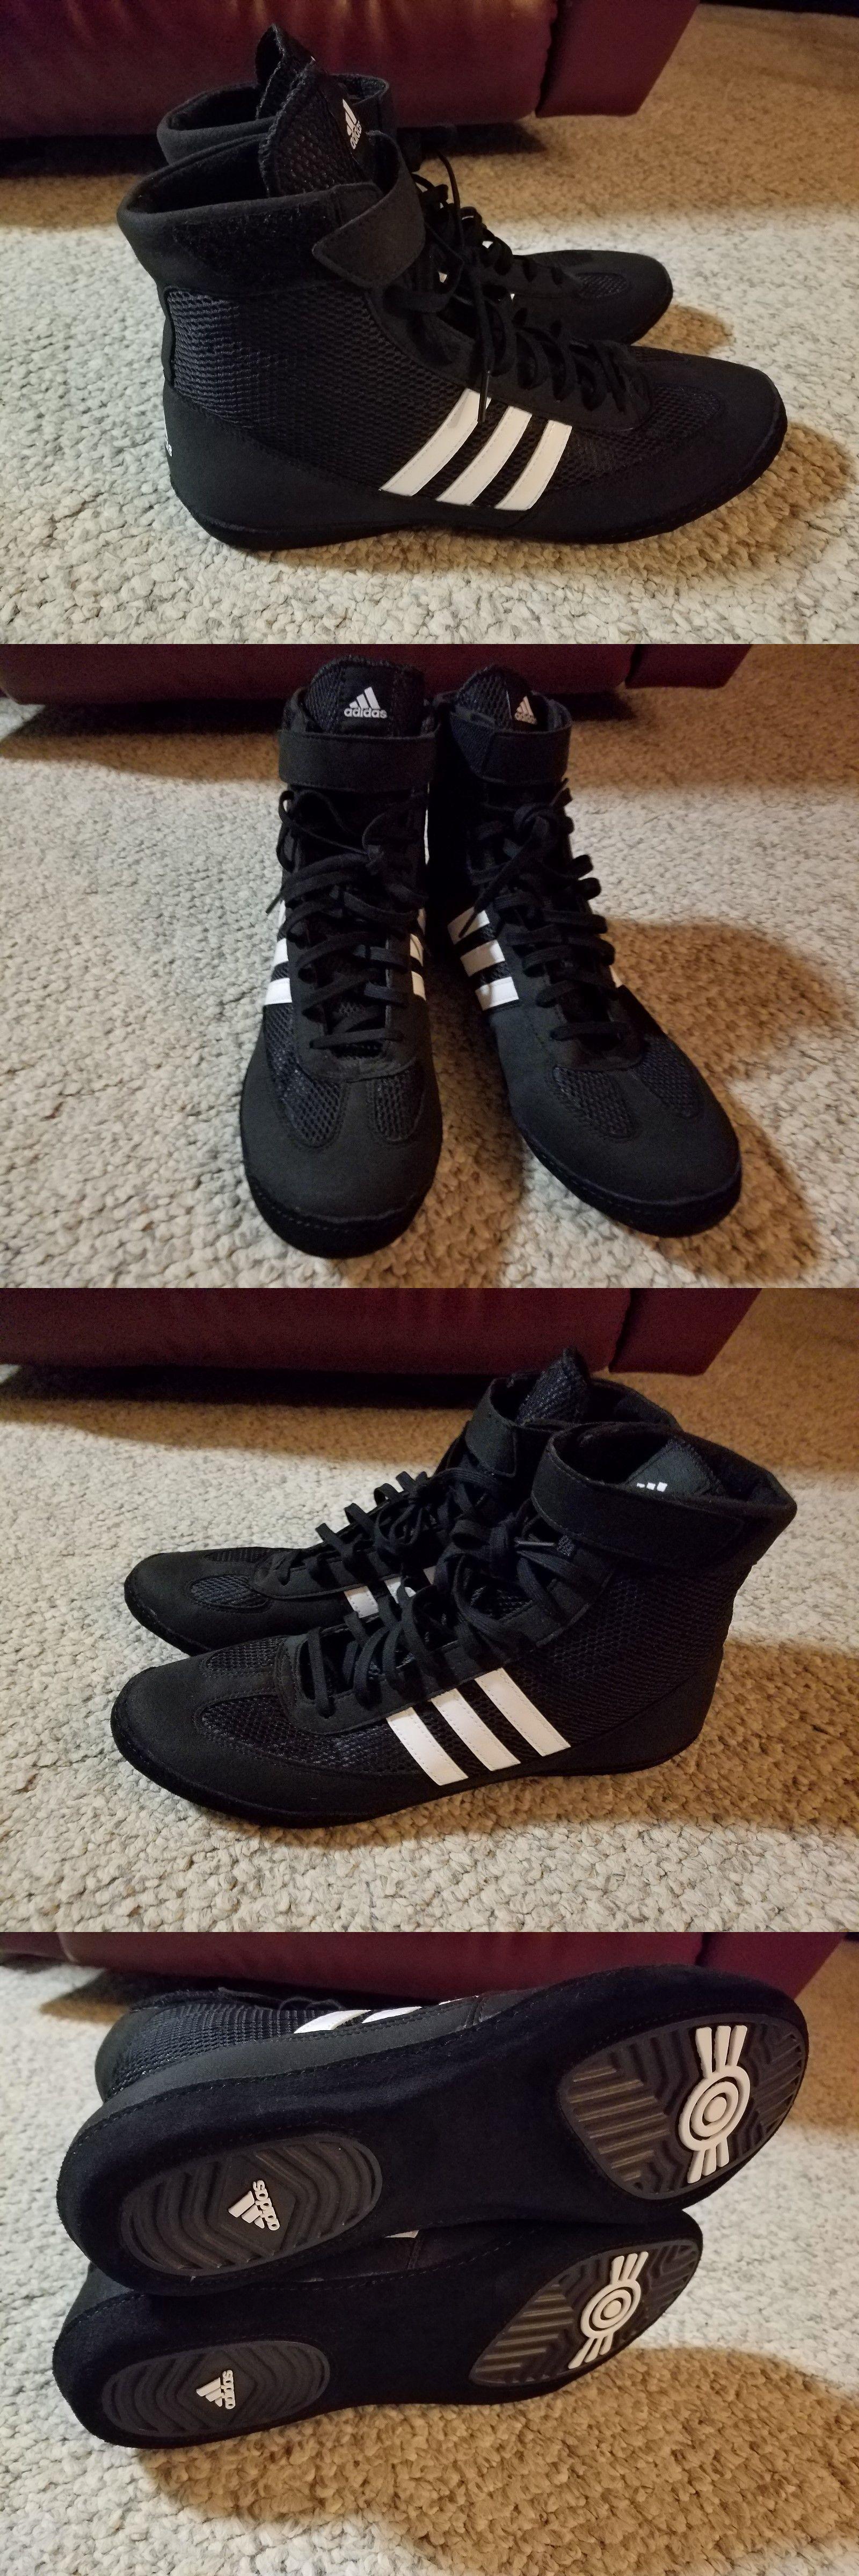 Calzature 79799: adidas combattere velocità wrestling scarpe nero / bianco)